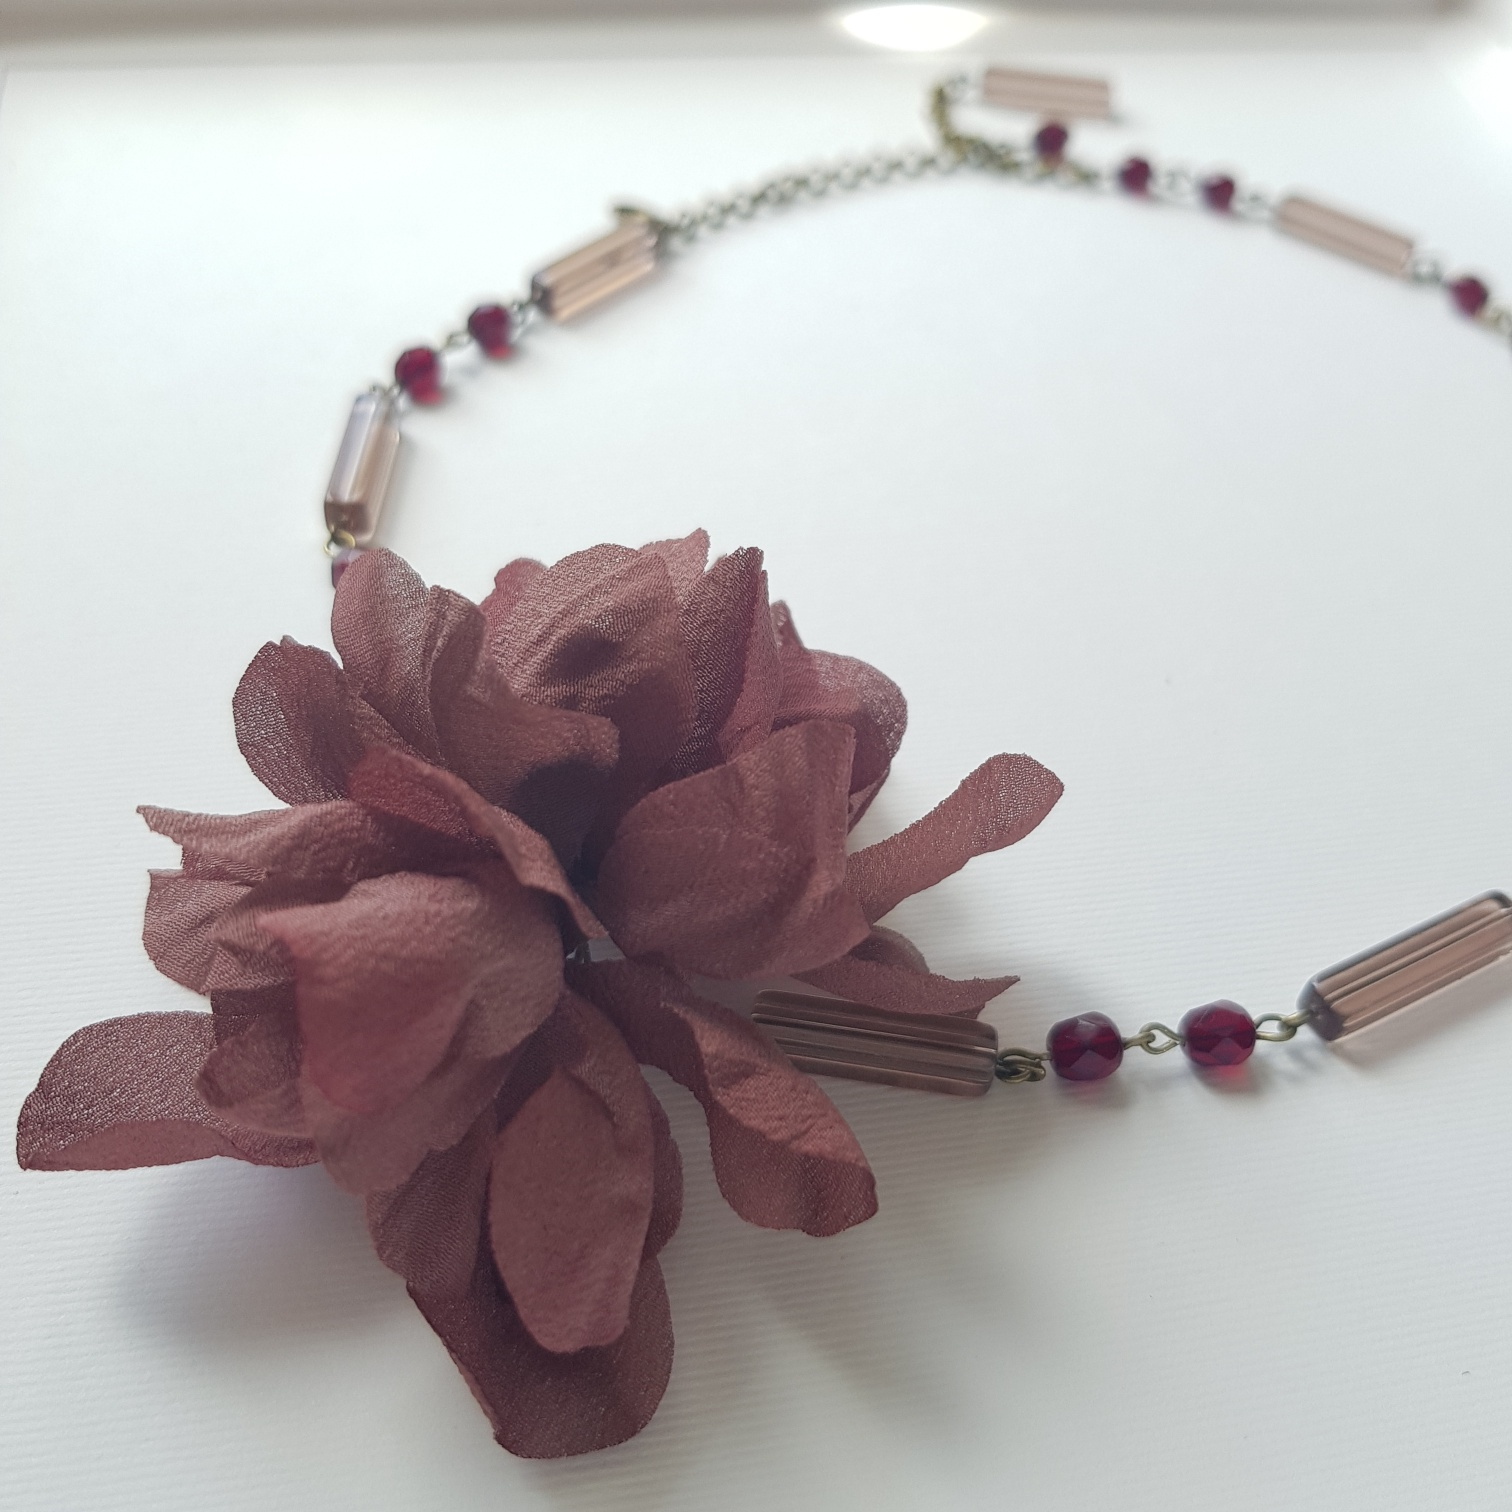 Girocollo con vetri e fiori in seta